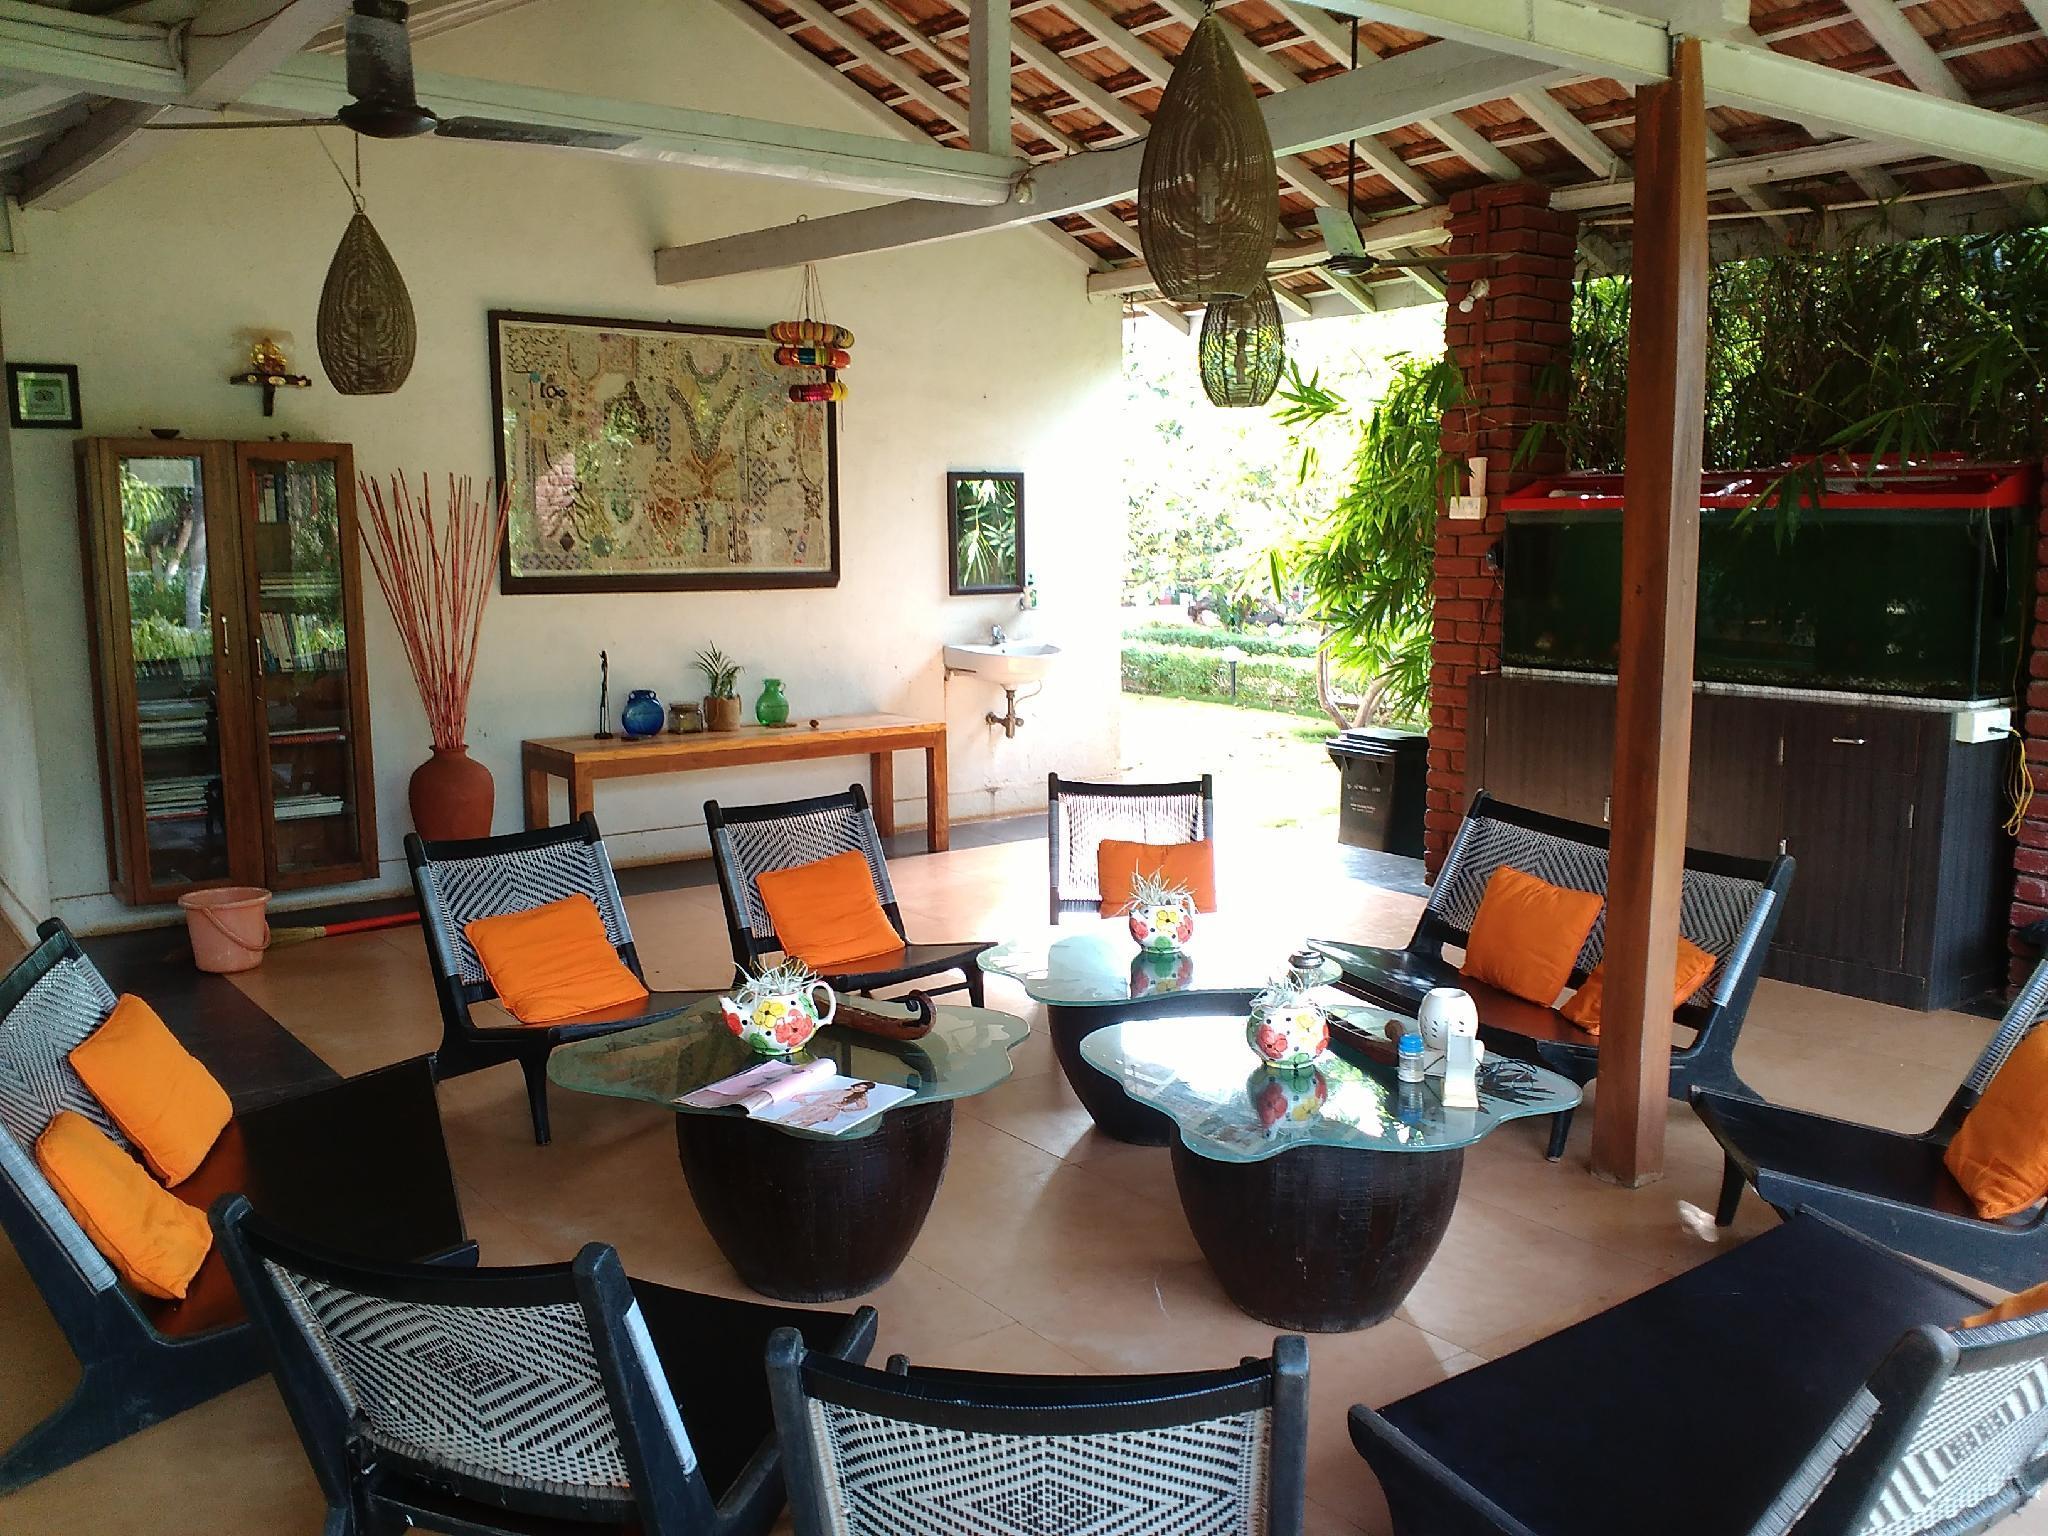 SIDZ Cottage, Raigarh